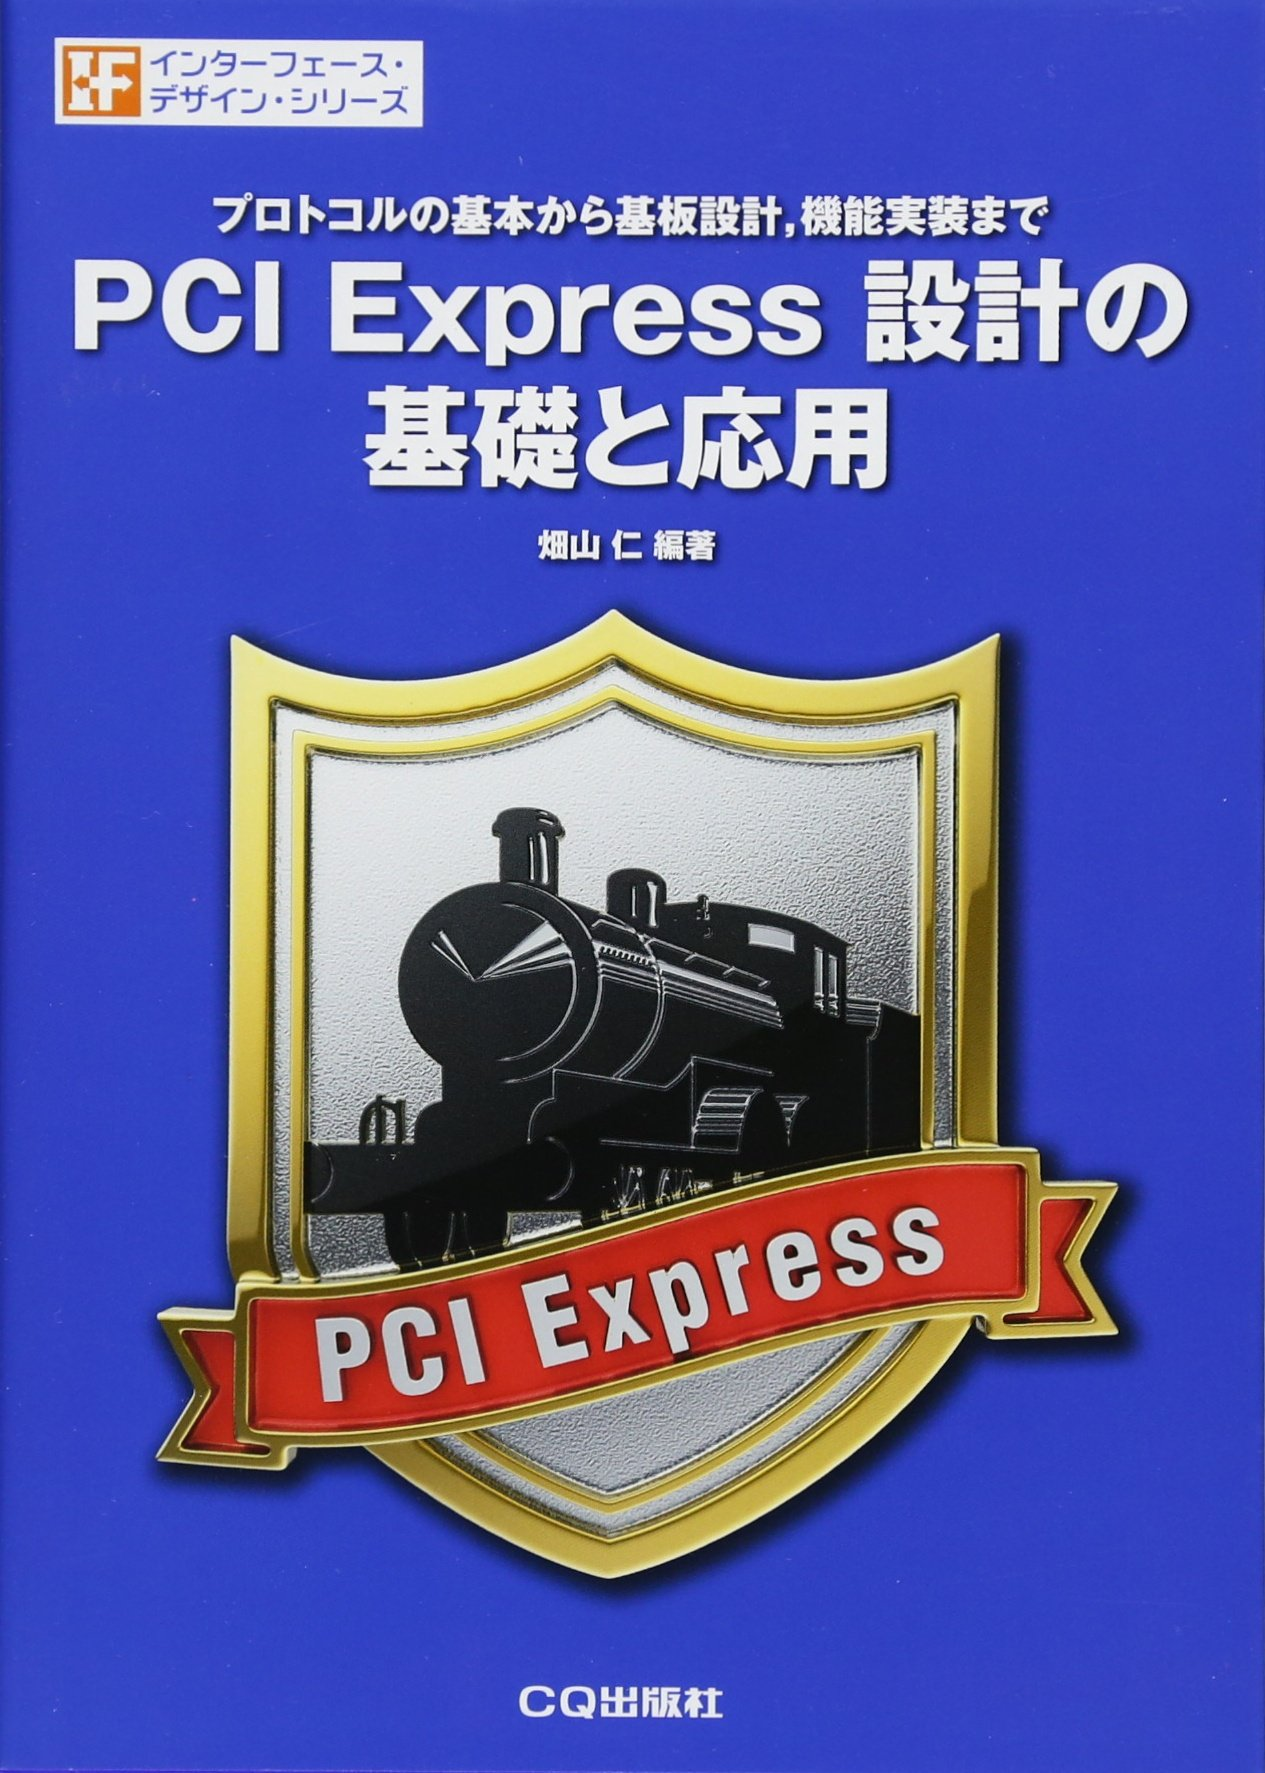 【本の感想】PCI Express 設計の基礎と応用